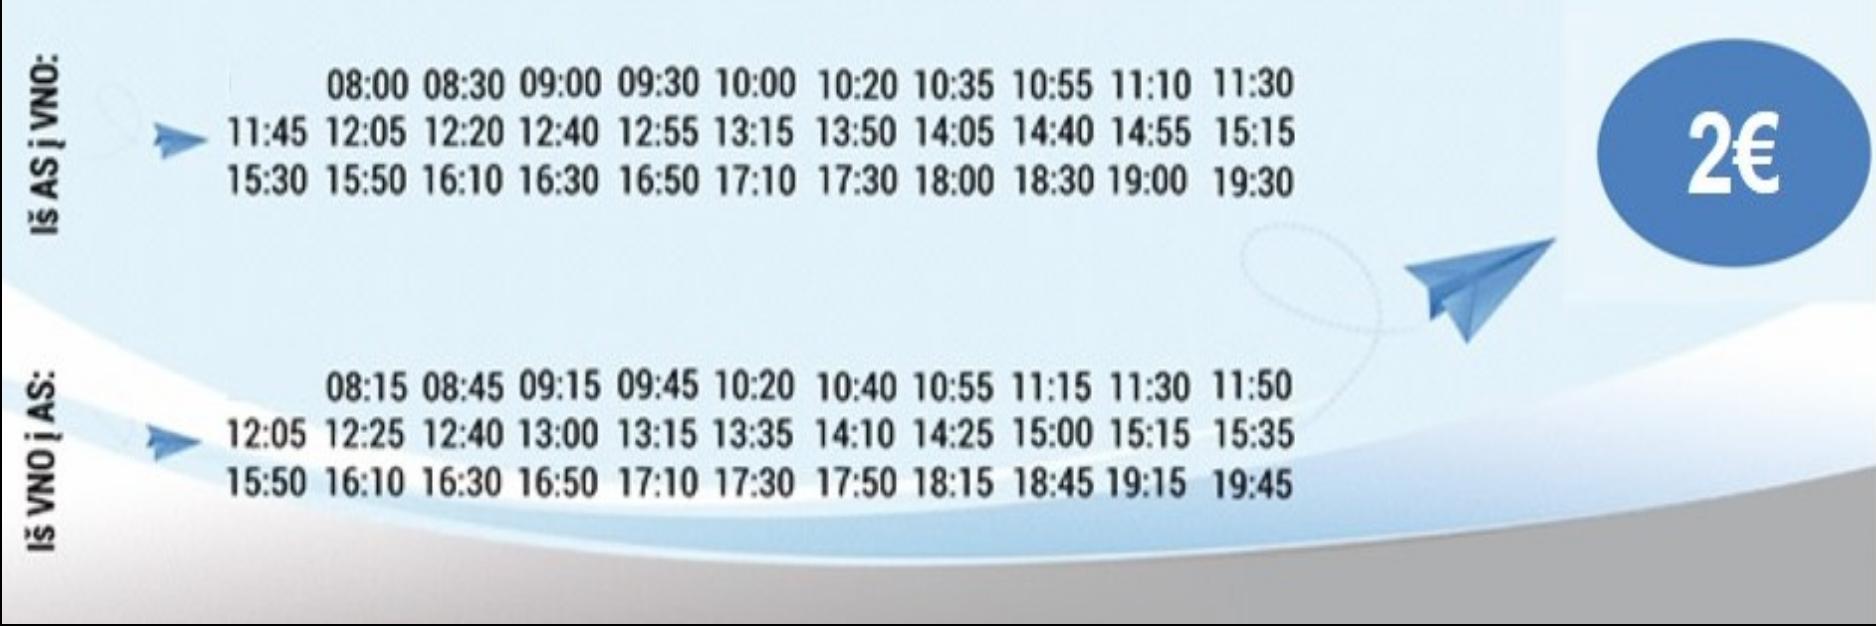 Расписание маршрутки Toks